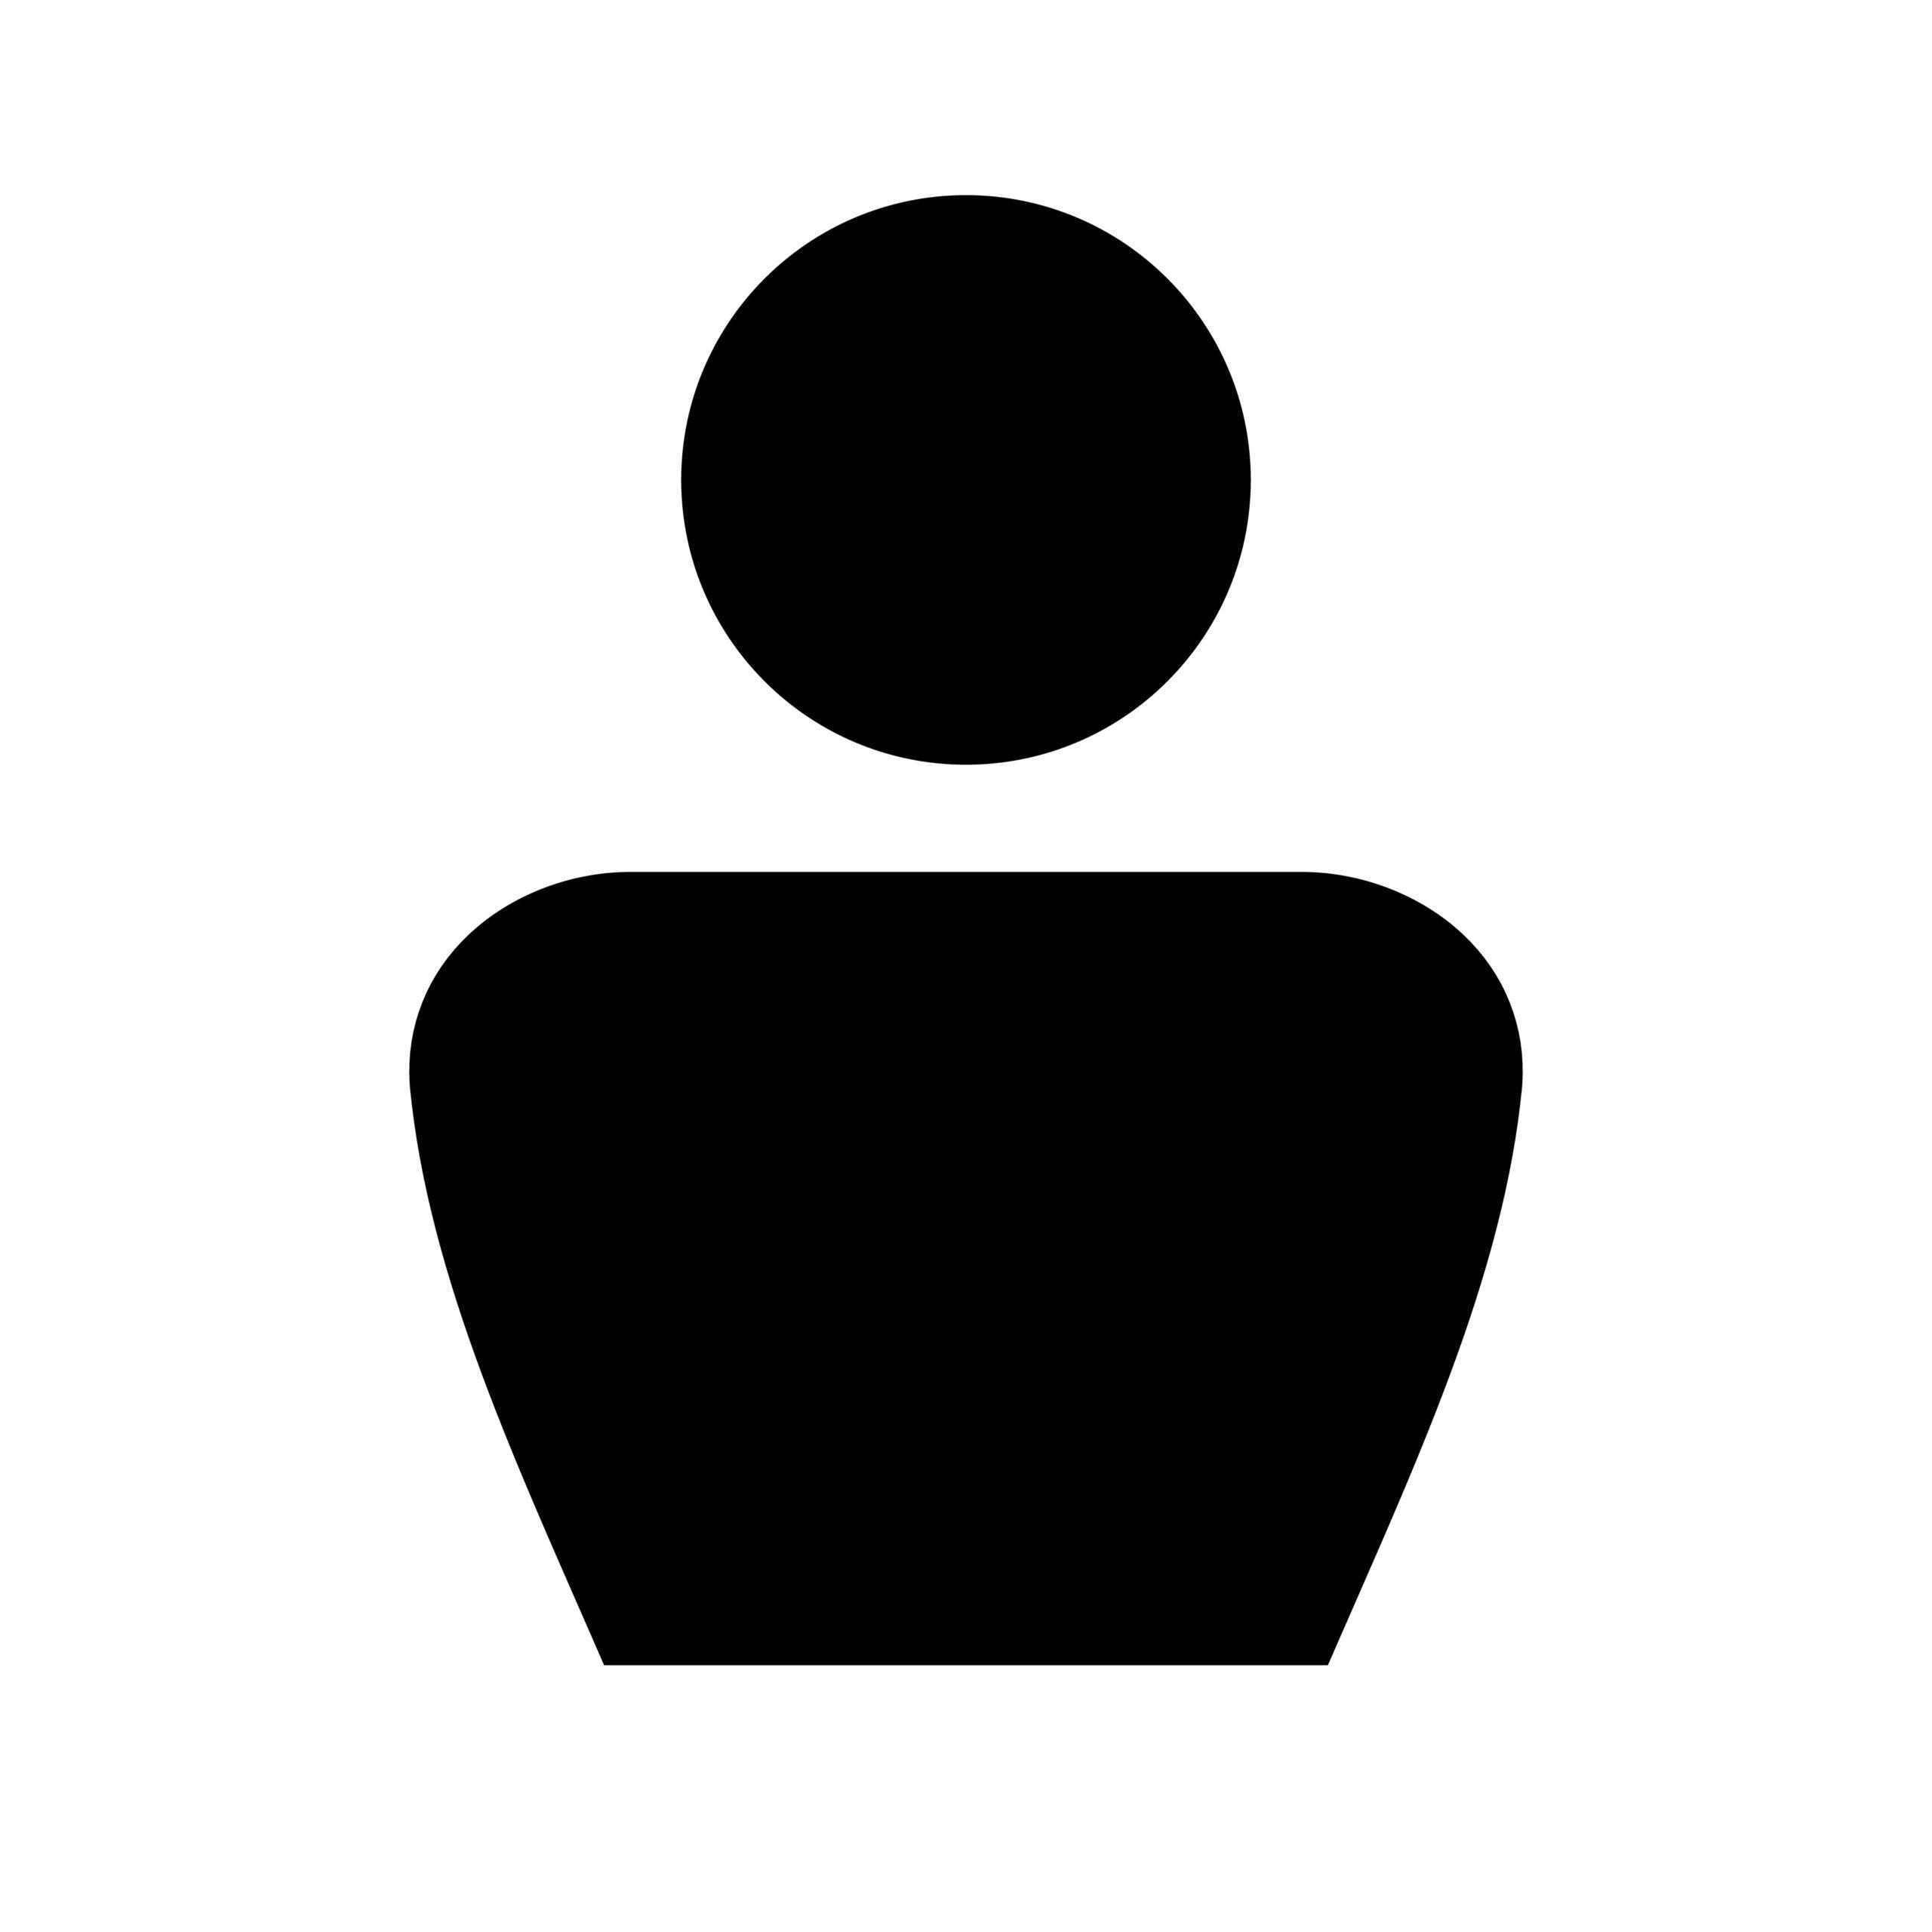 Profilbild eines Kunden